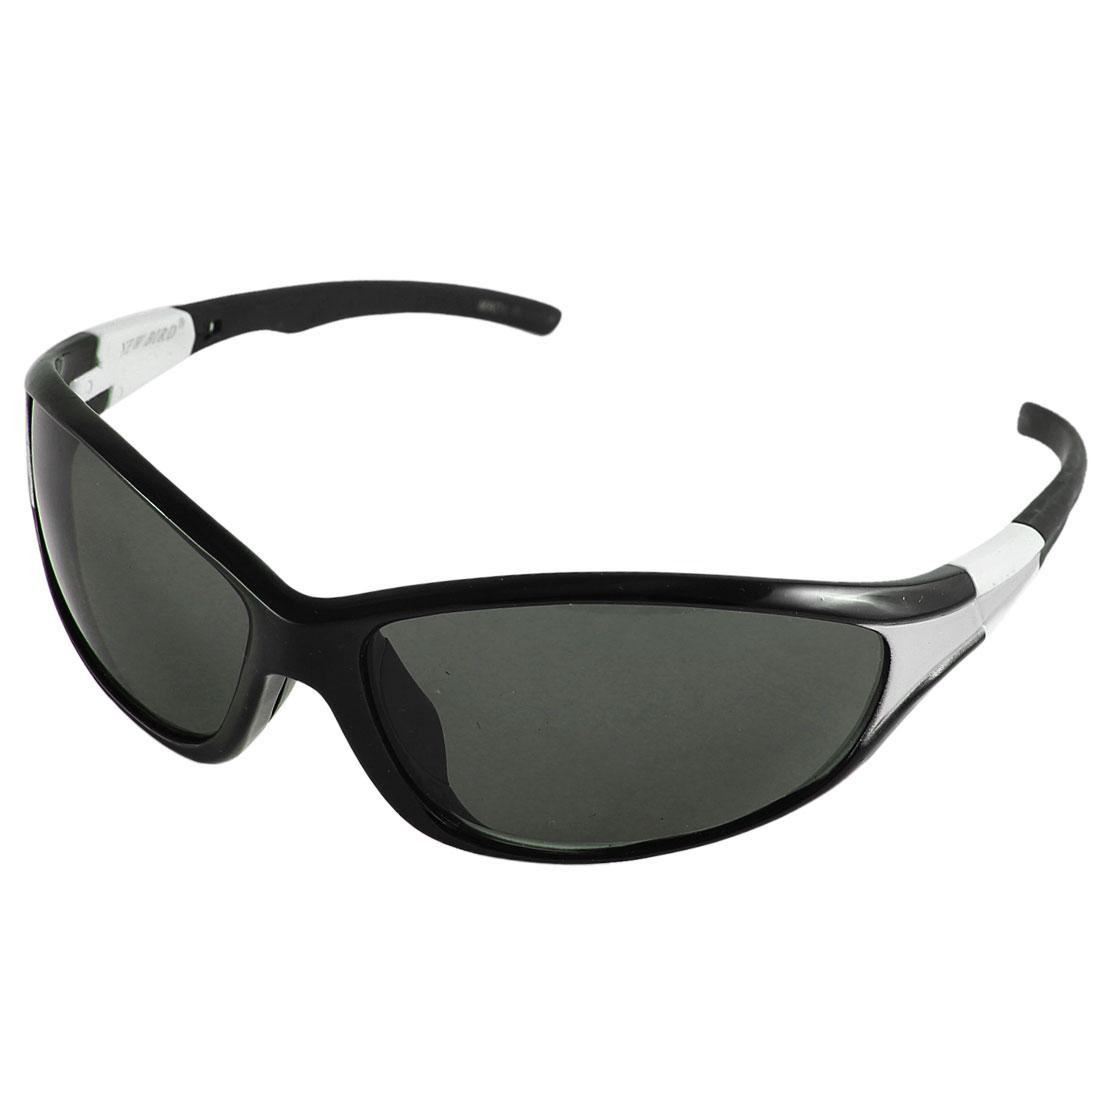 Lady Plastic Rectangle Full Rim Single Bridge Dimgray Lens Sunglasses